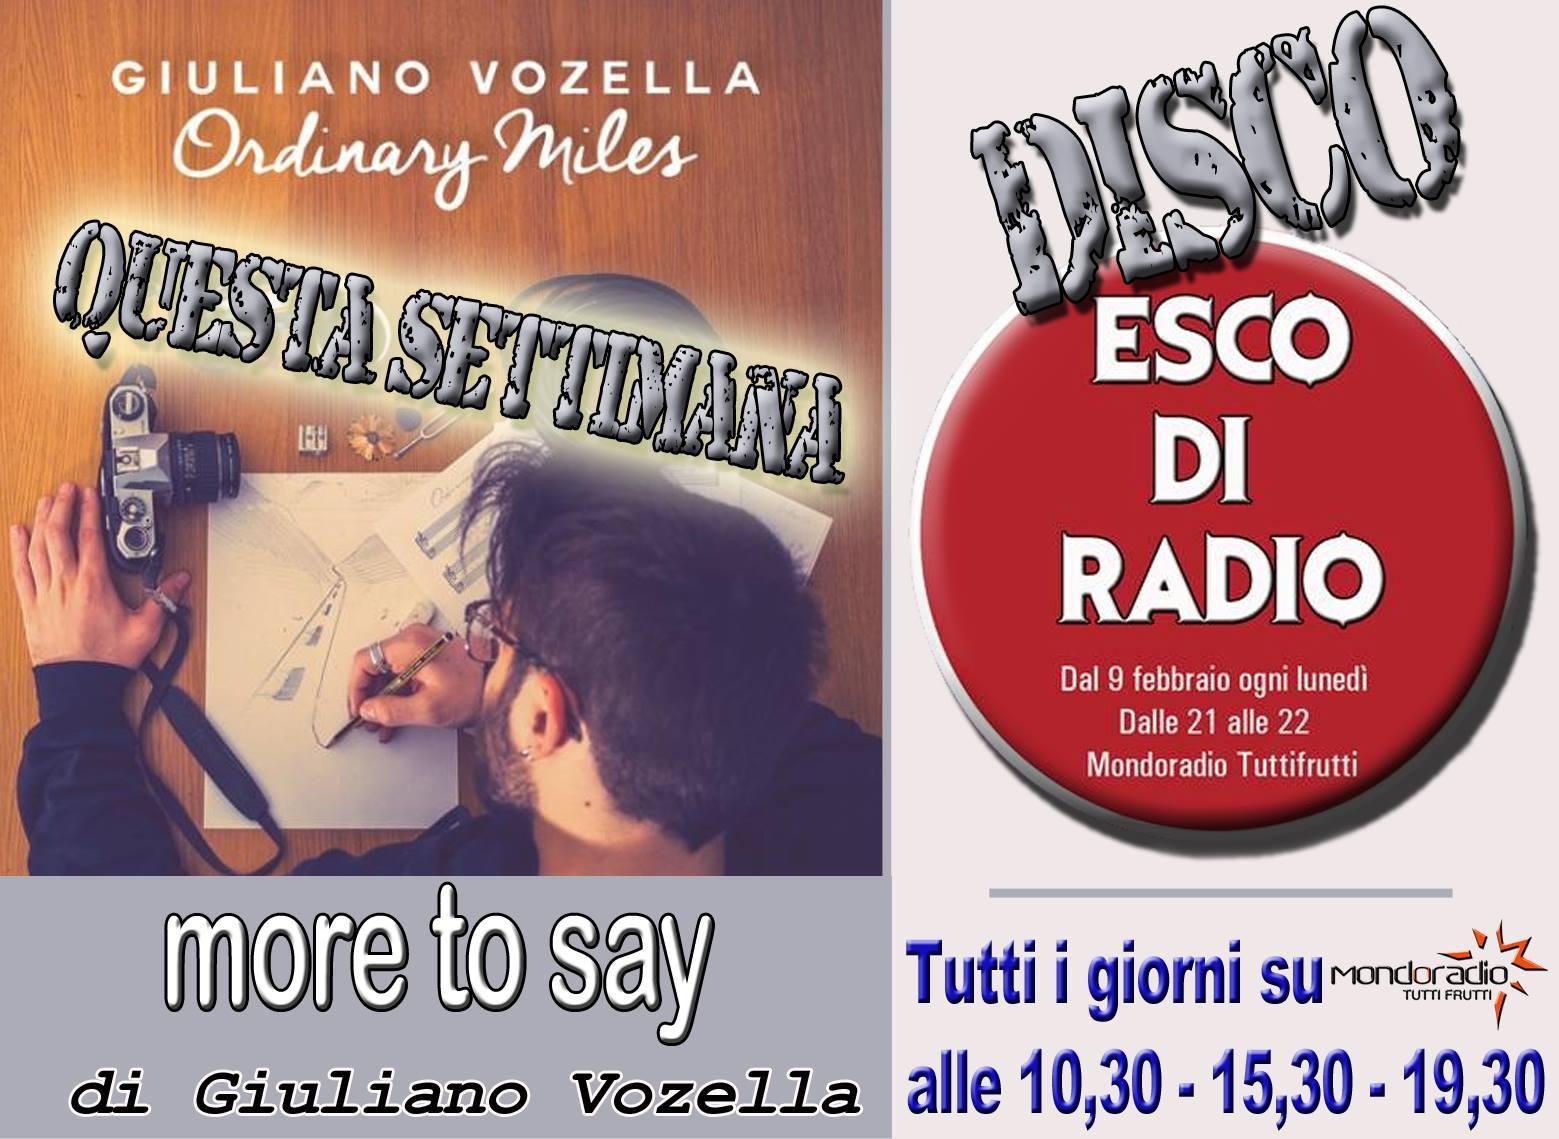 Disco Esco di Radio